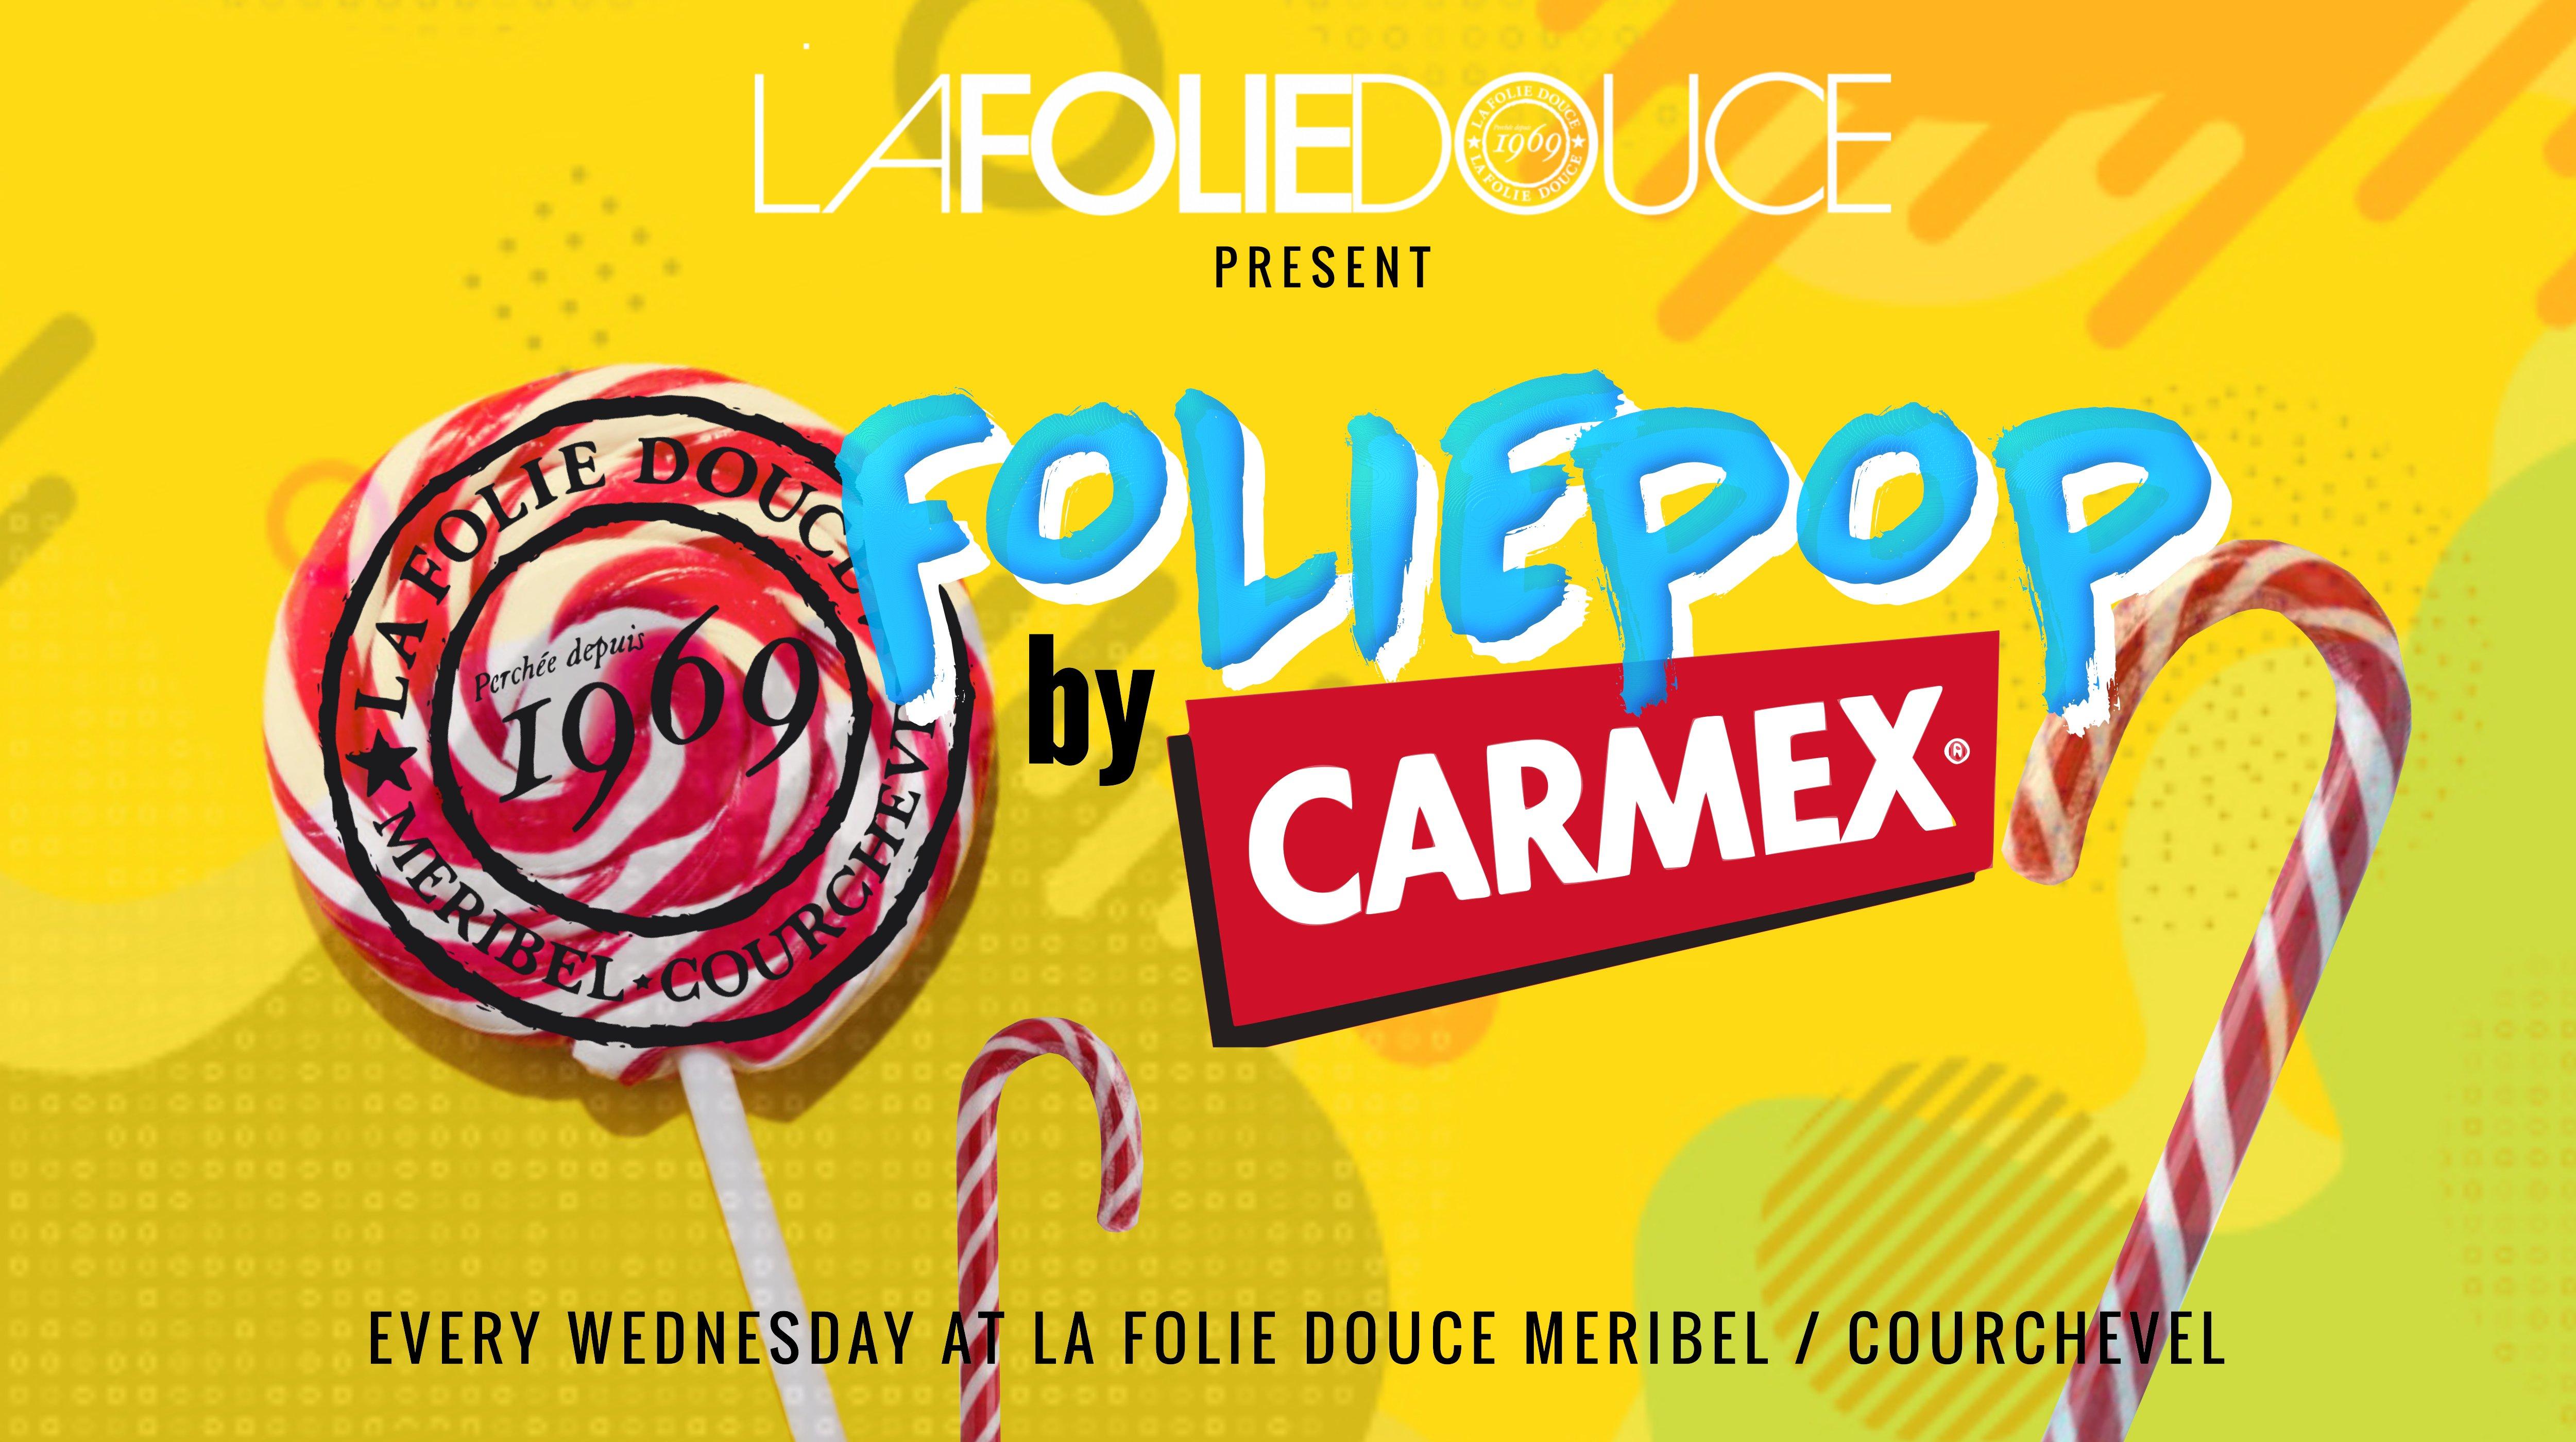 Folie Pop by Carmex at La Folie Douce,